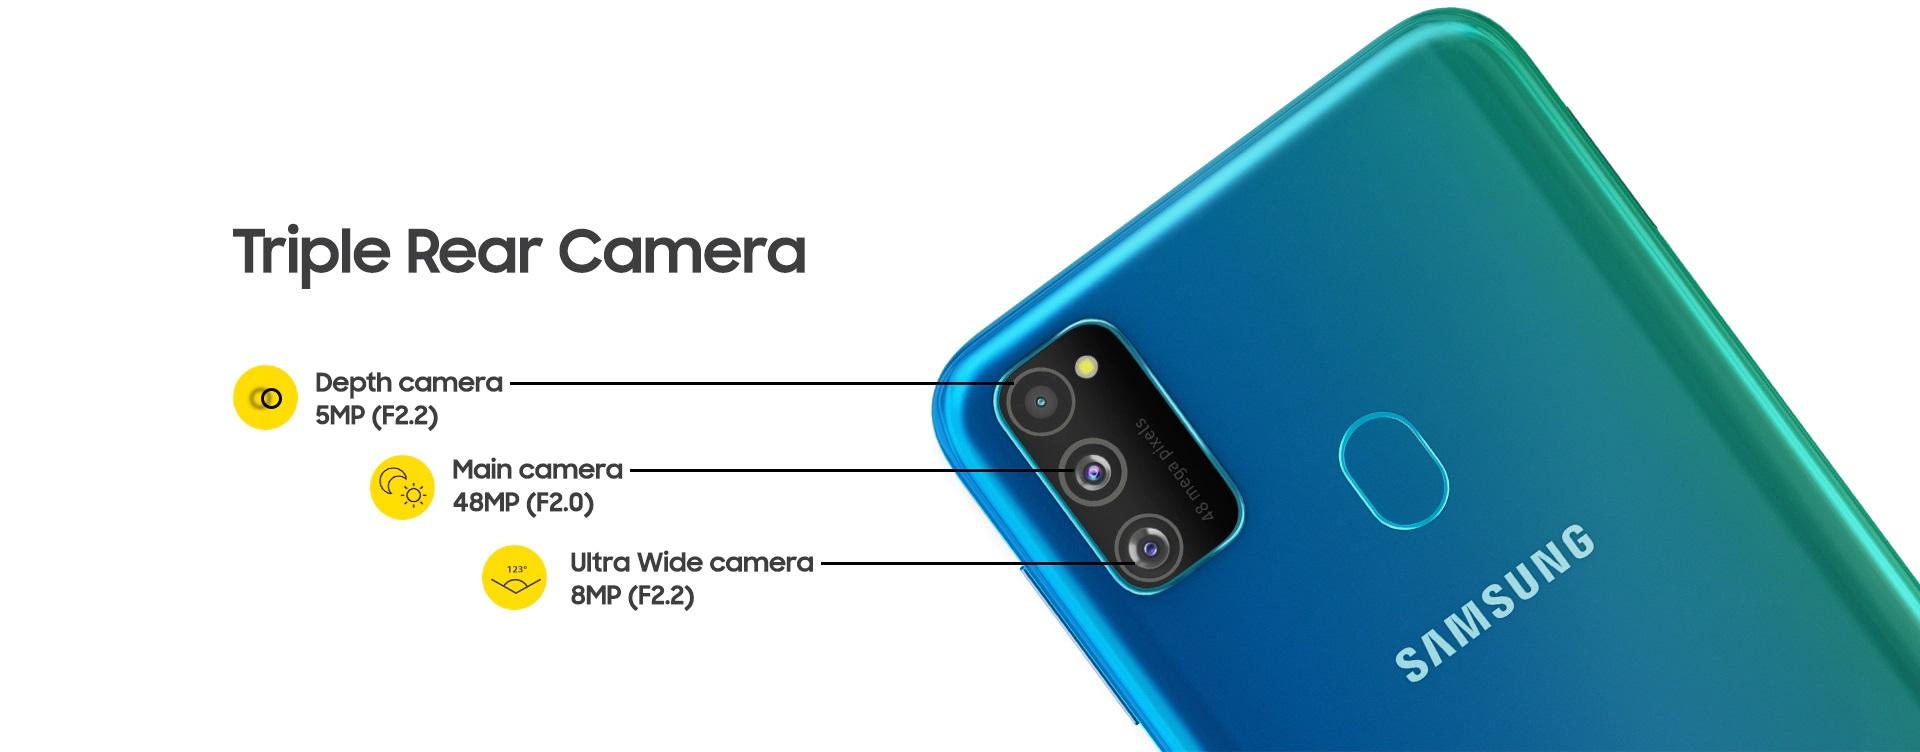 تعرف على مواصفات هاتف Samsung Galaxy M30s ببطارية 6000 مللي أمبير